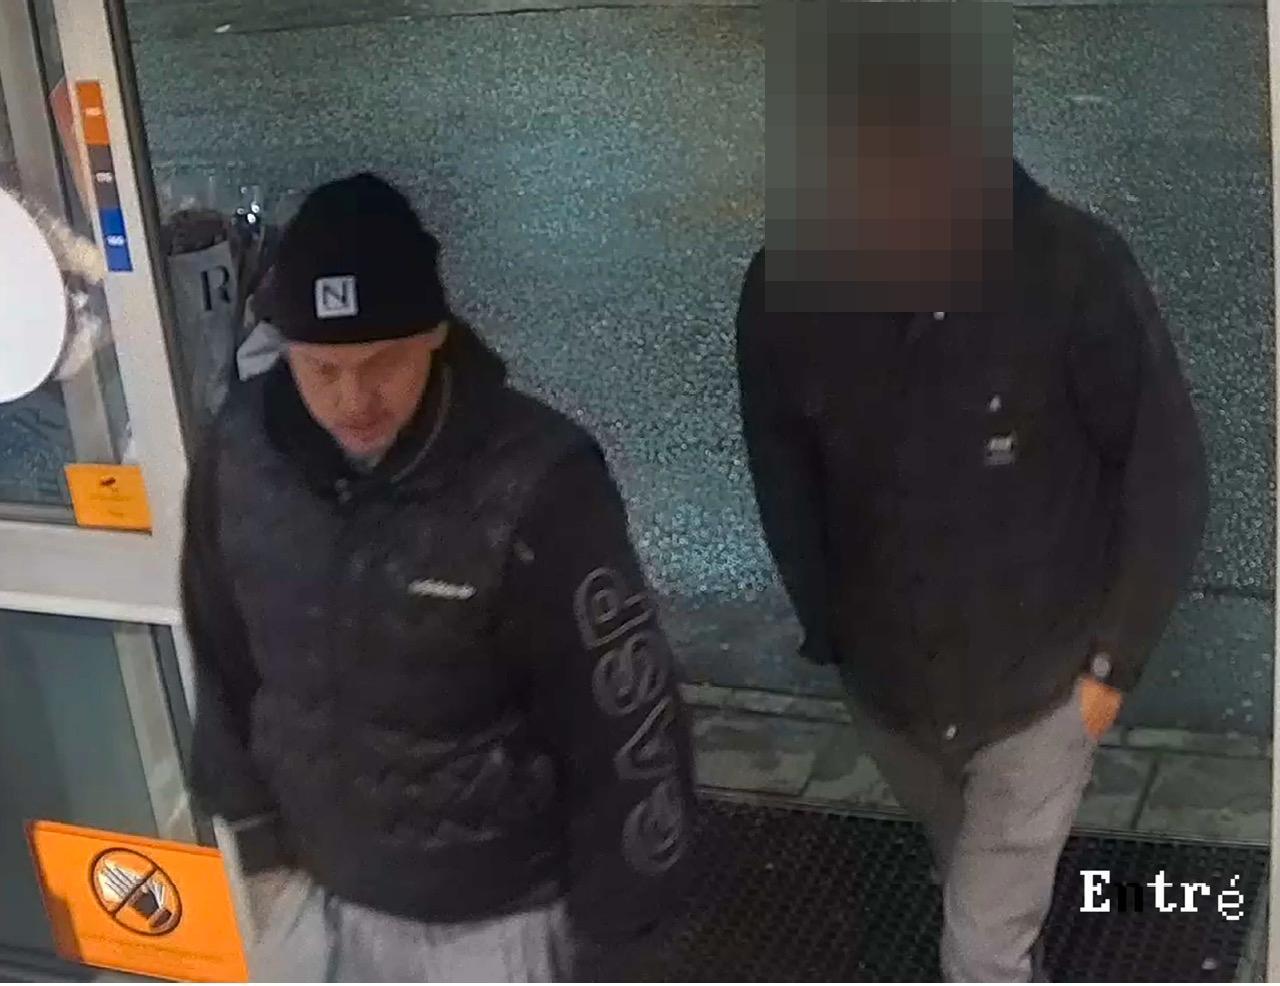 De åtalade för dubbelmordet i Vallentuna, Chrisoffer Öhman och 26-åringen.